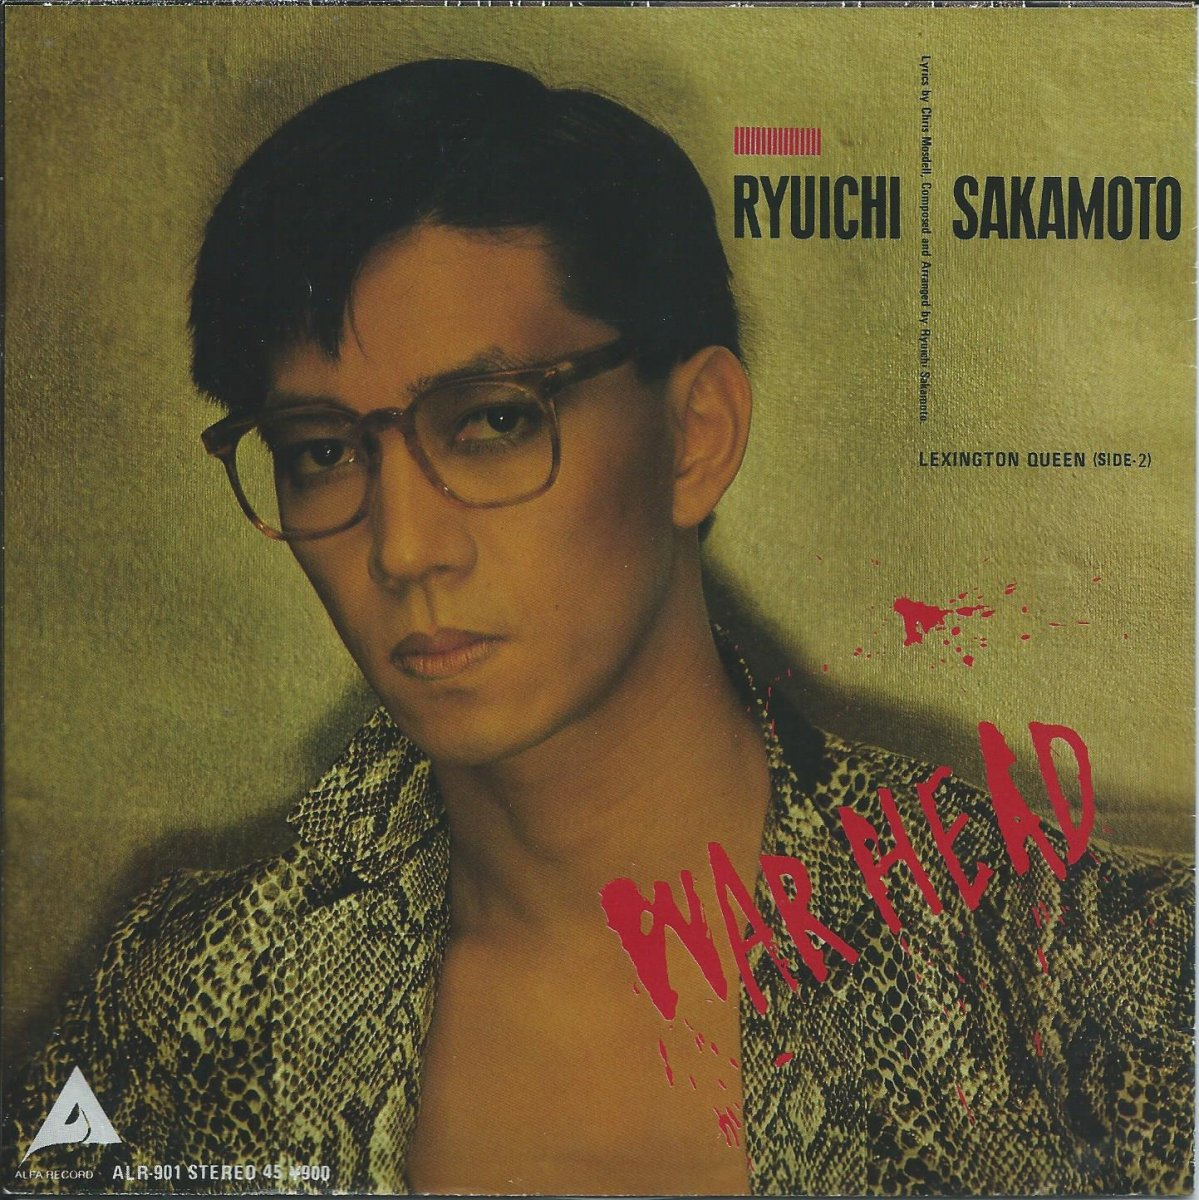 坂本龍一 RYUICHI SAKAMOTO / WAR HEAD / LEXINGTON QUEEN (7